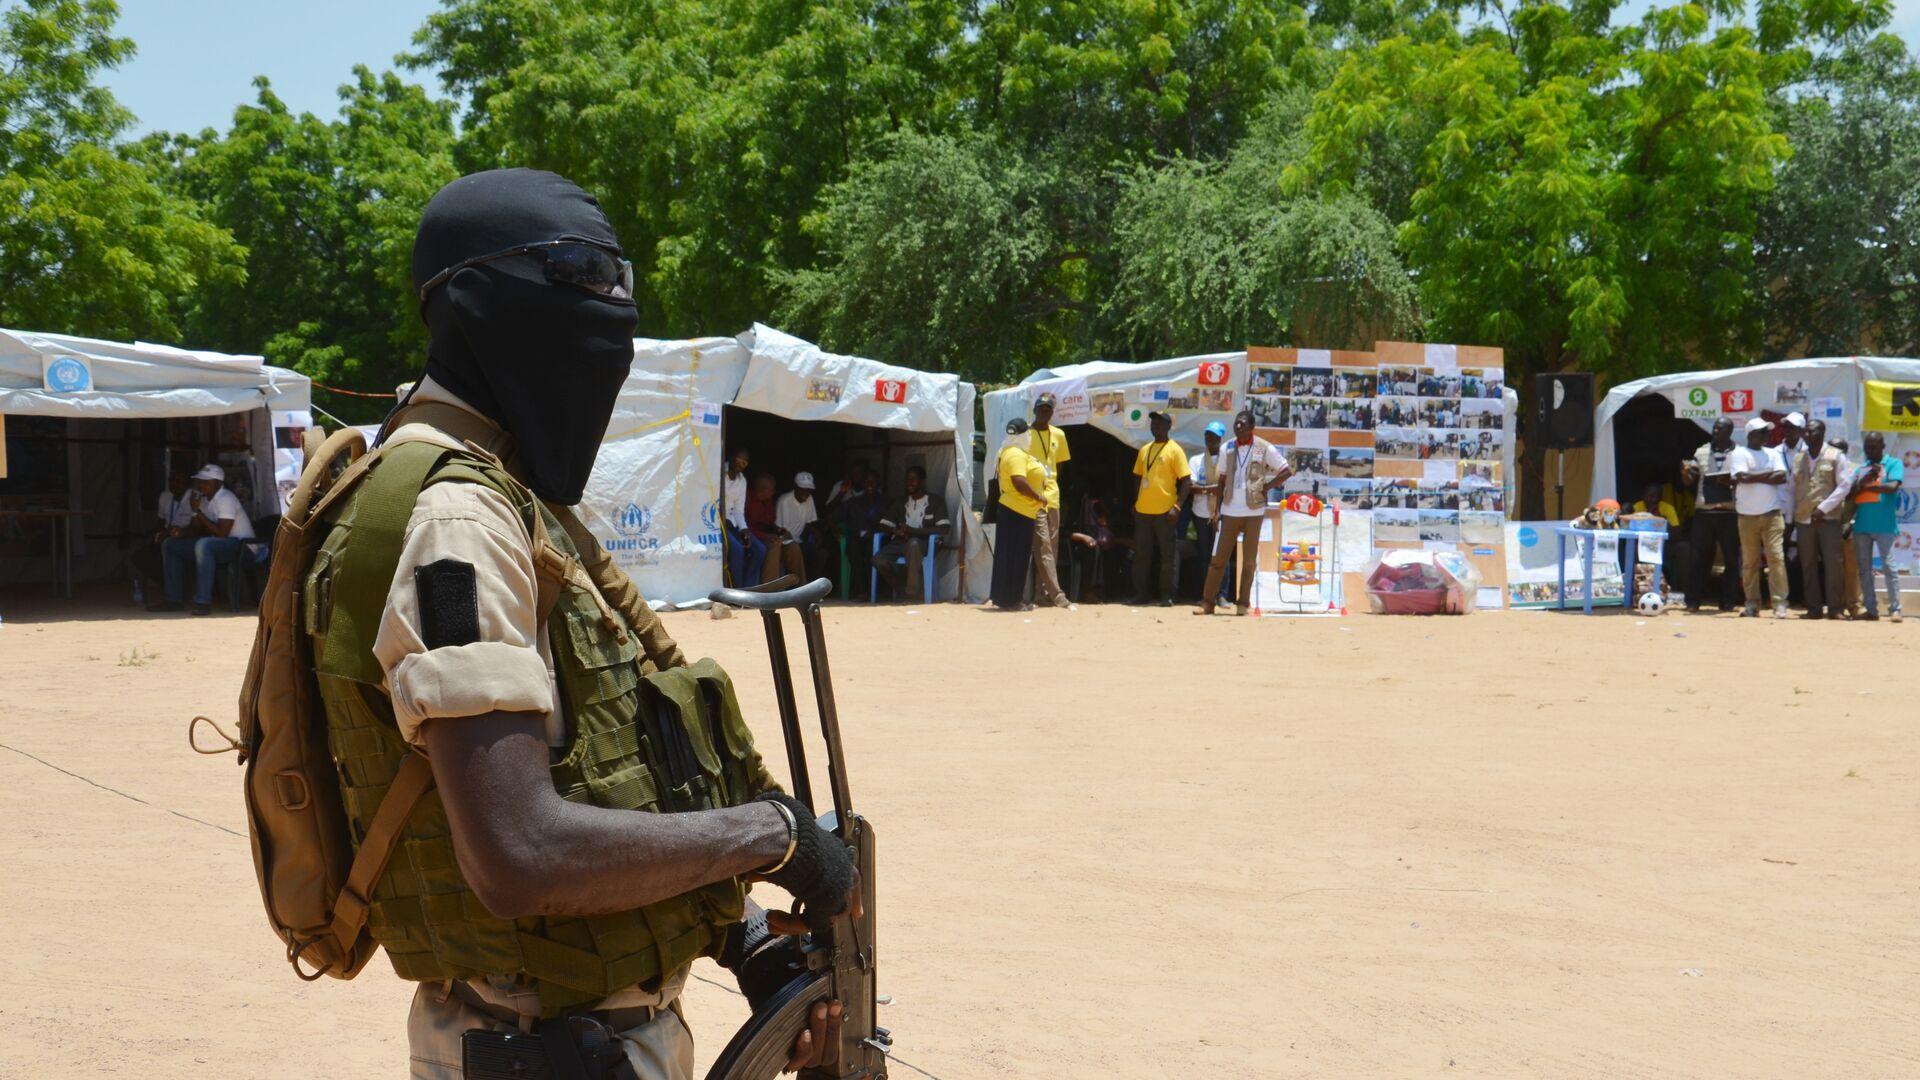 Un soldado de Níger cerca a un punto de información para gente desplazada (Archivo) - Sputnik Mundo, 1920, 22.09.2021